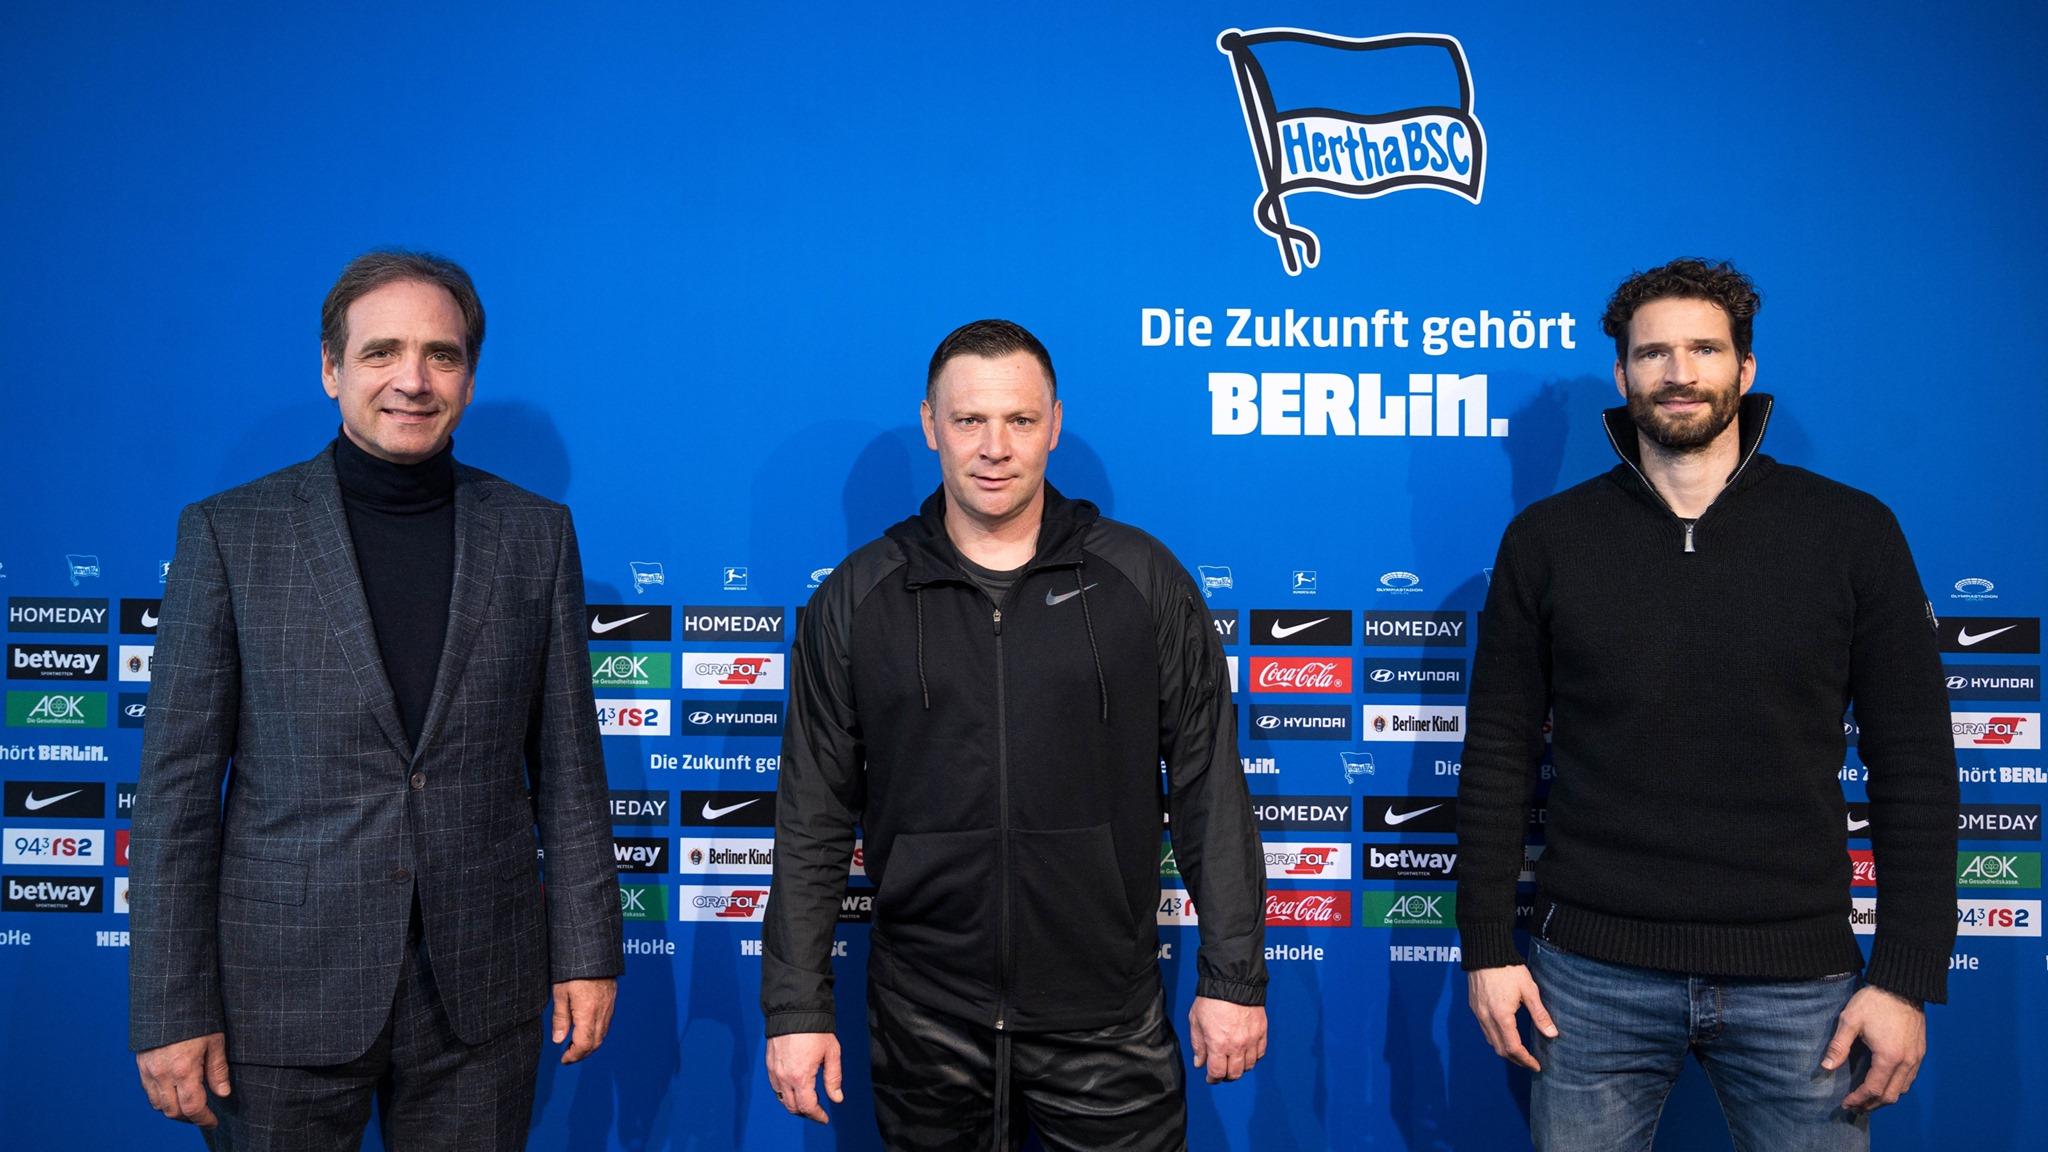 Trainerwechsel bei Hertha BSC: Dárdai mit harten Vertragsbedingungen